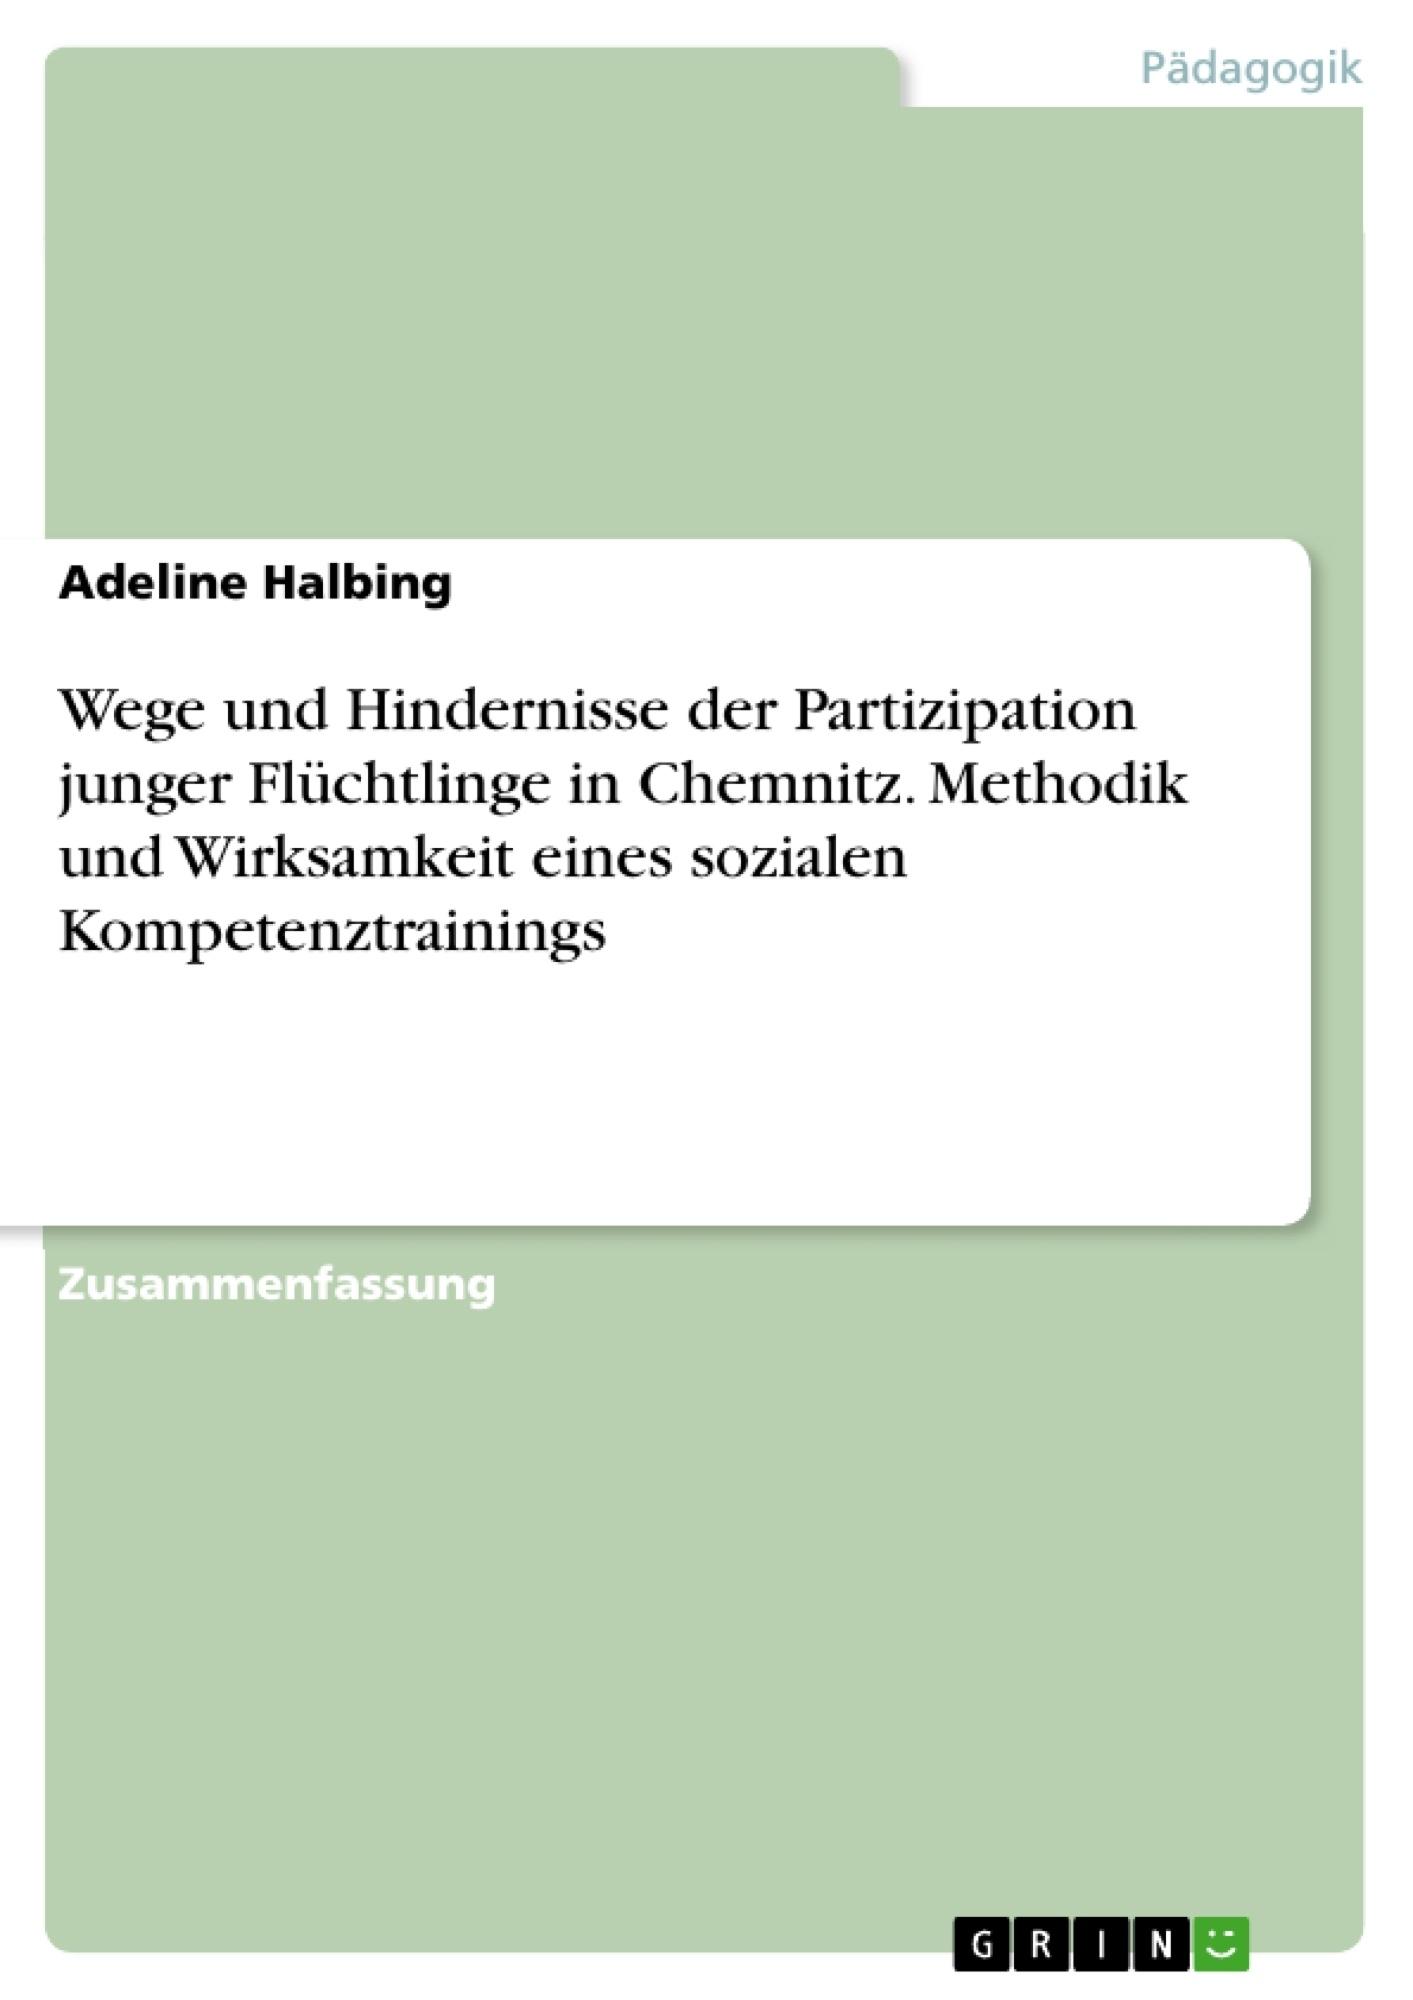 Titel: Wege und Hindernisse der Partizipation junger Flüchtlinge in Chemnitz. Methodik und Wirksamkeit eines sozialen Kompetenztrainings